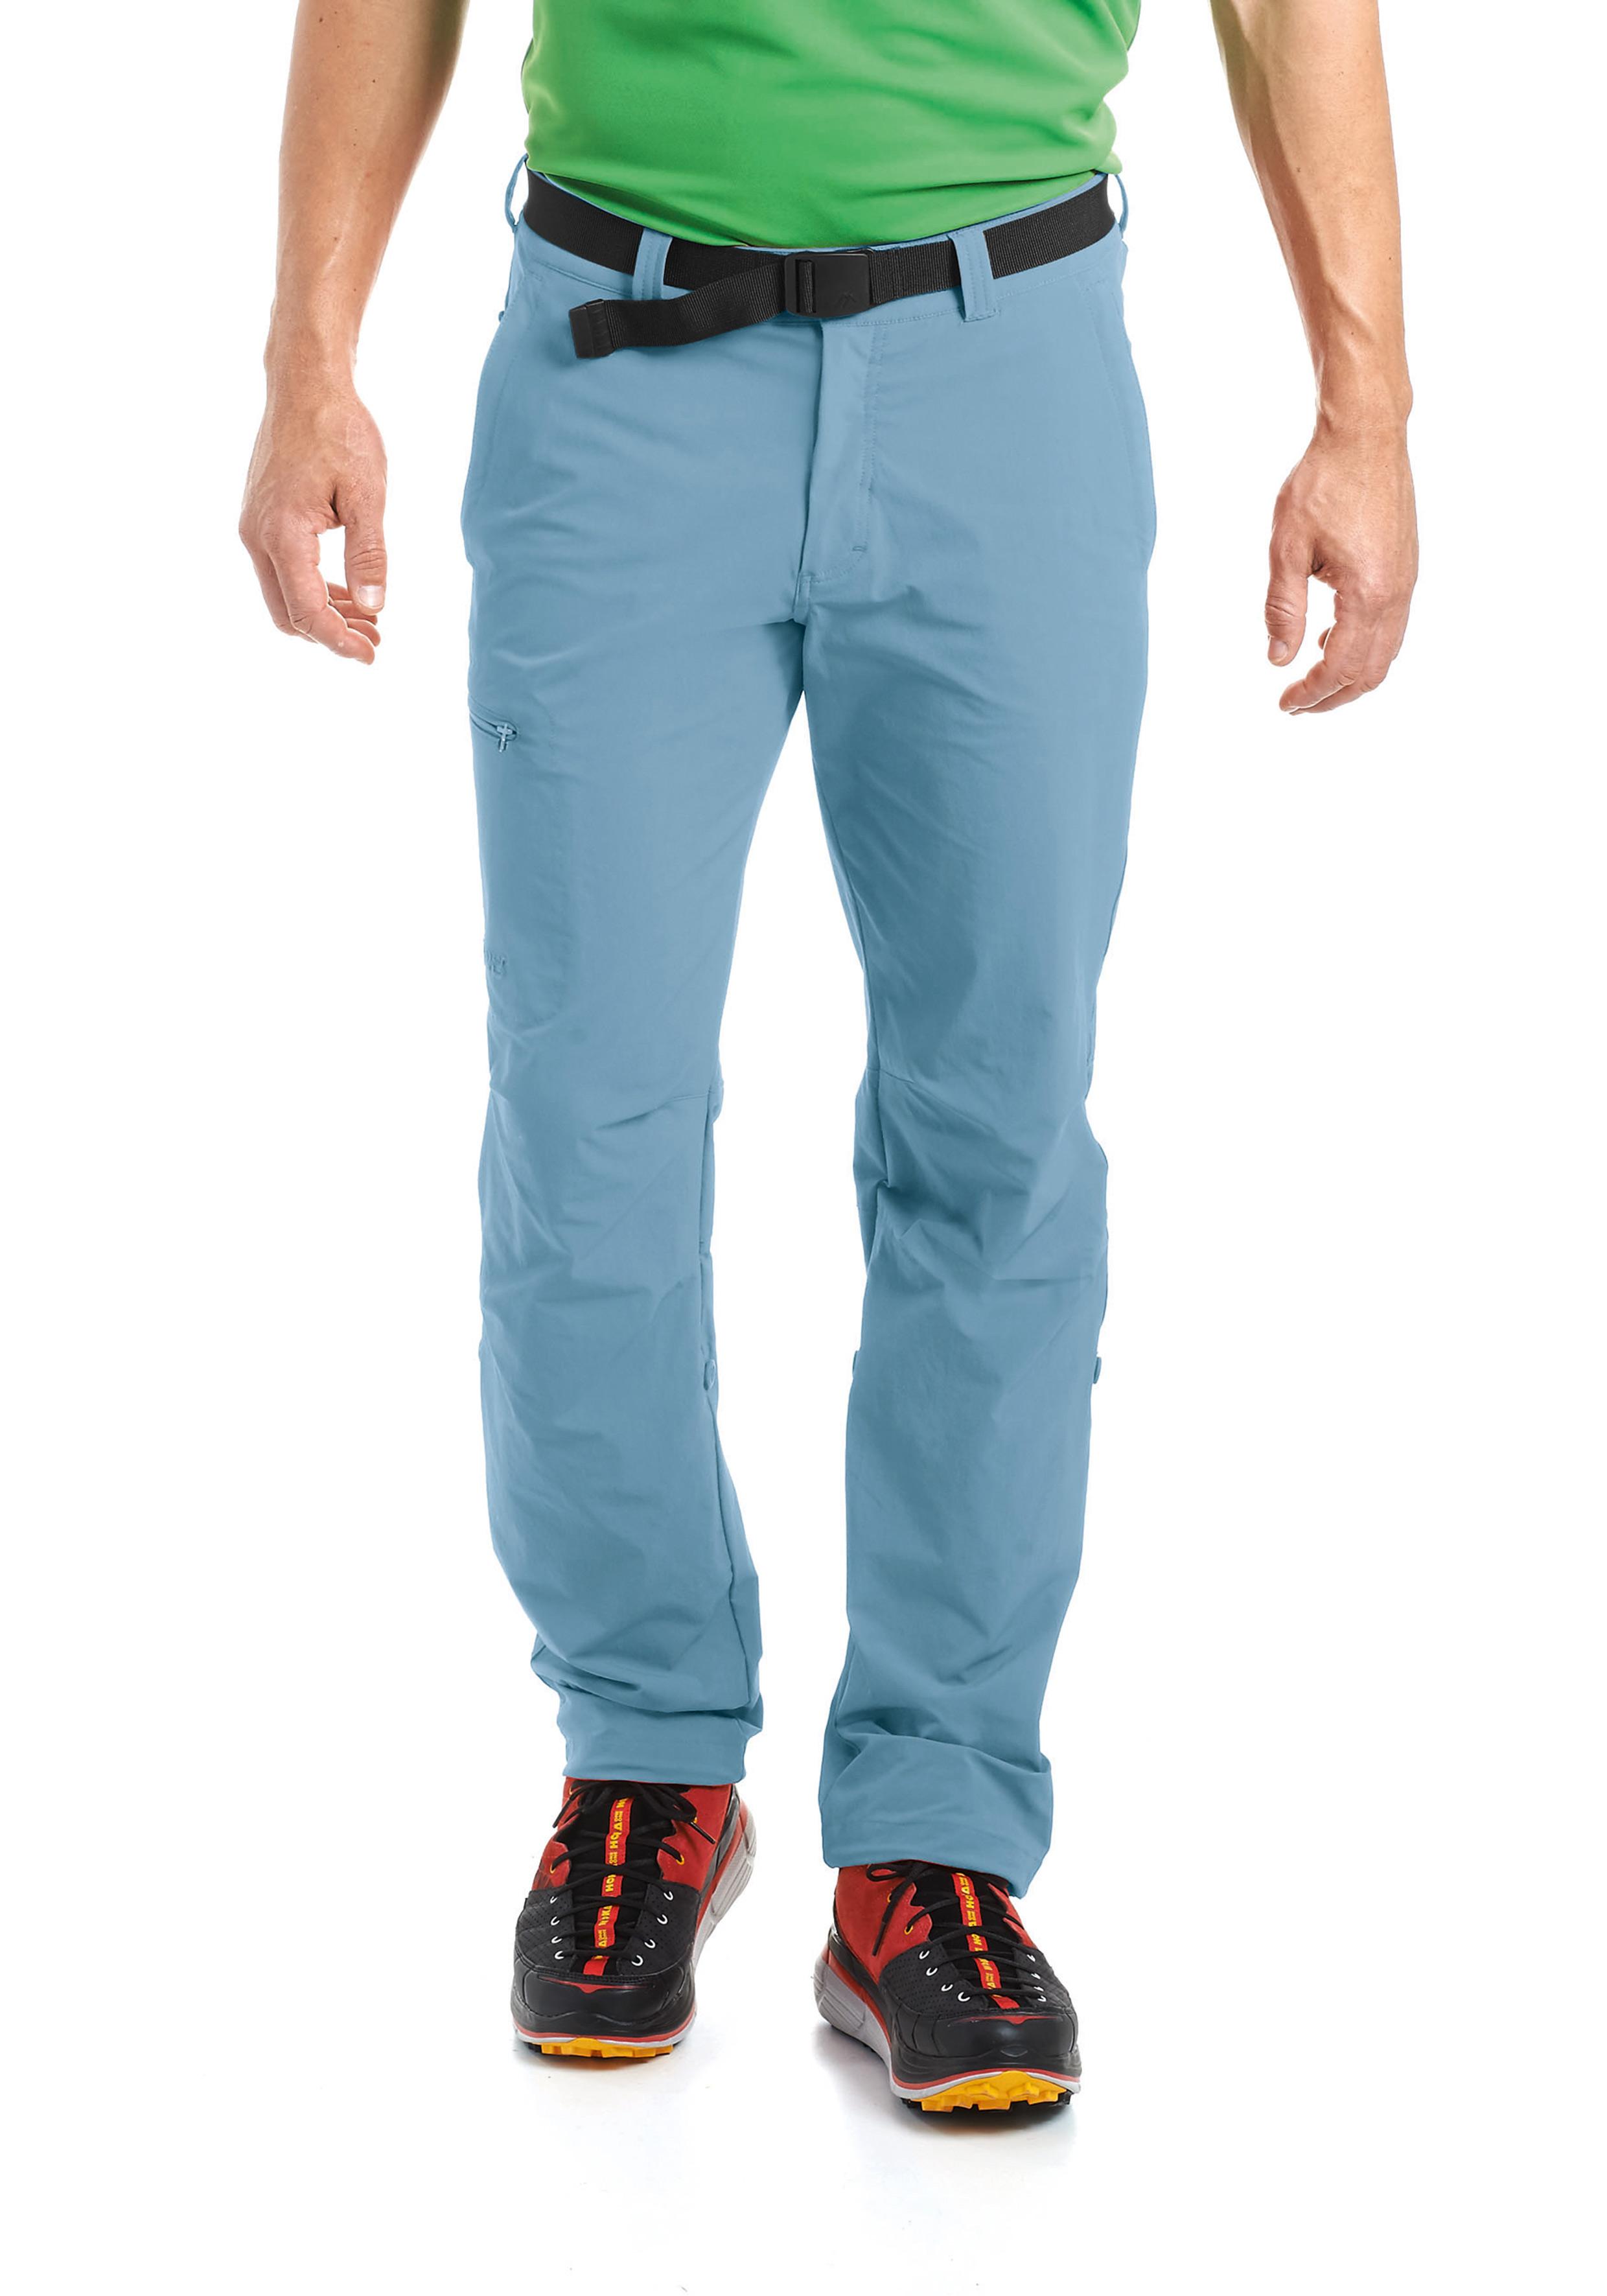 Купить Брюки для активного отдыха MAIER 2016 MS Pants Nil blue heaven Одежда туристическая 1255489